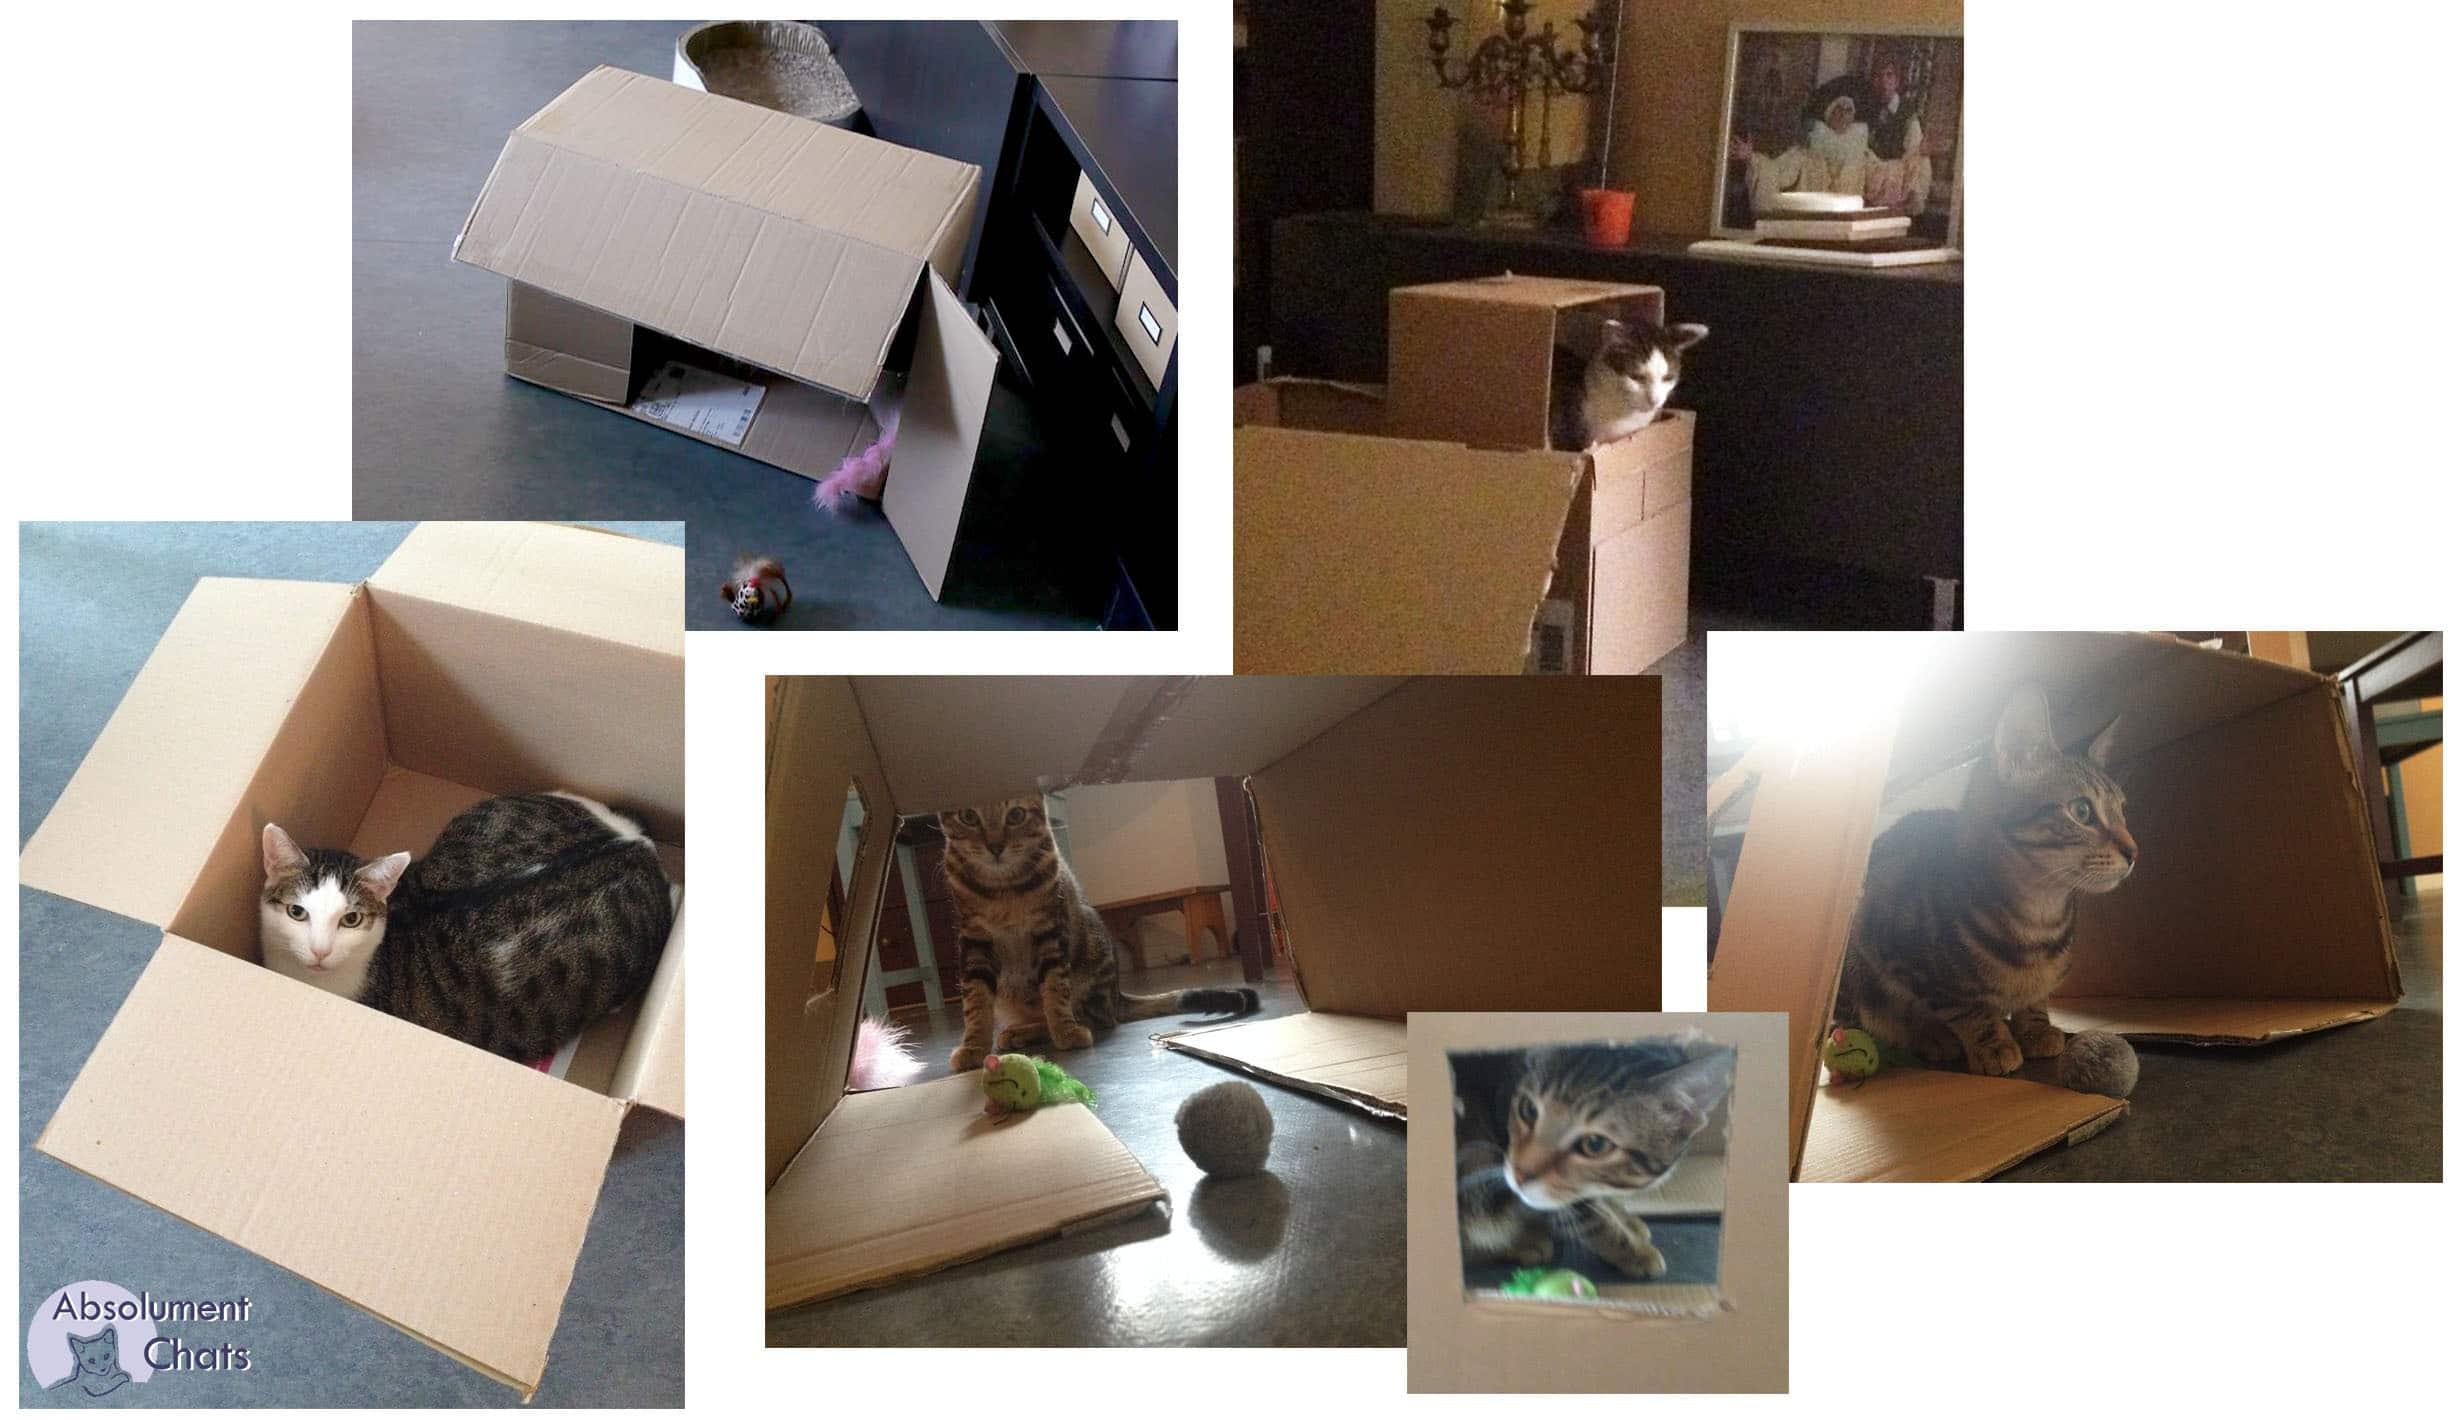 construire arbre chat arbre a chat en bois massif de tages plus fabriquer sa litire pour chat. Black Bedroom Furniture Sets. Home Design Ideas